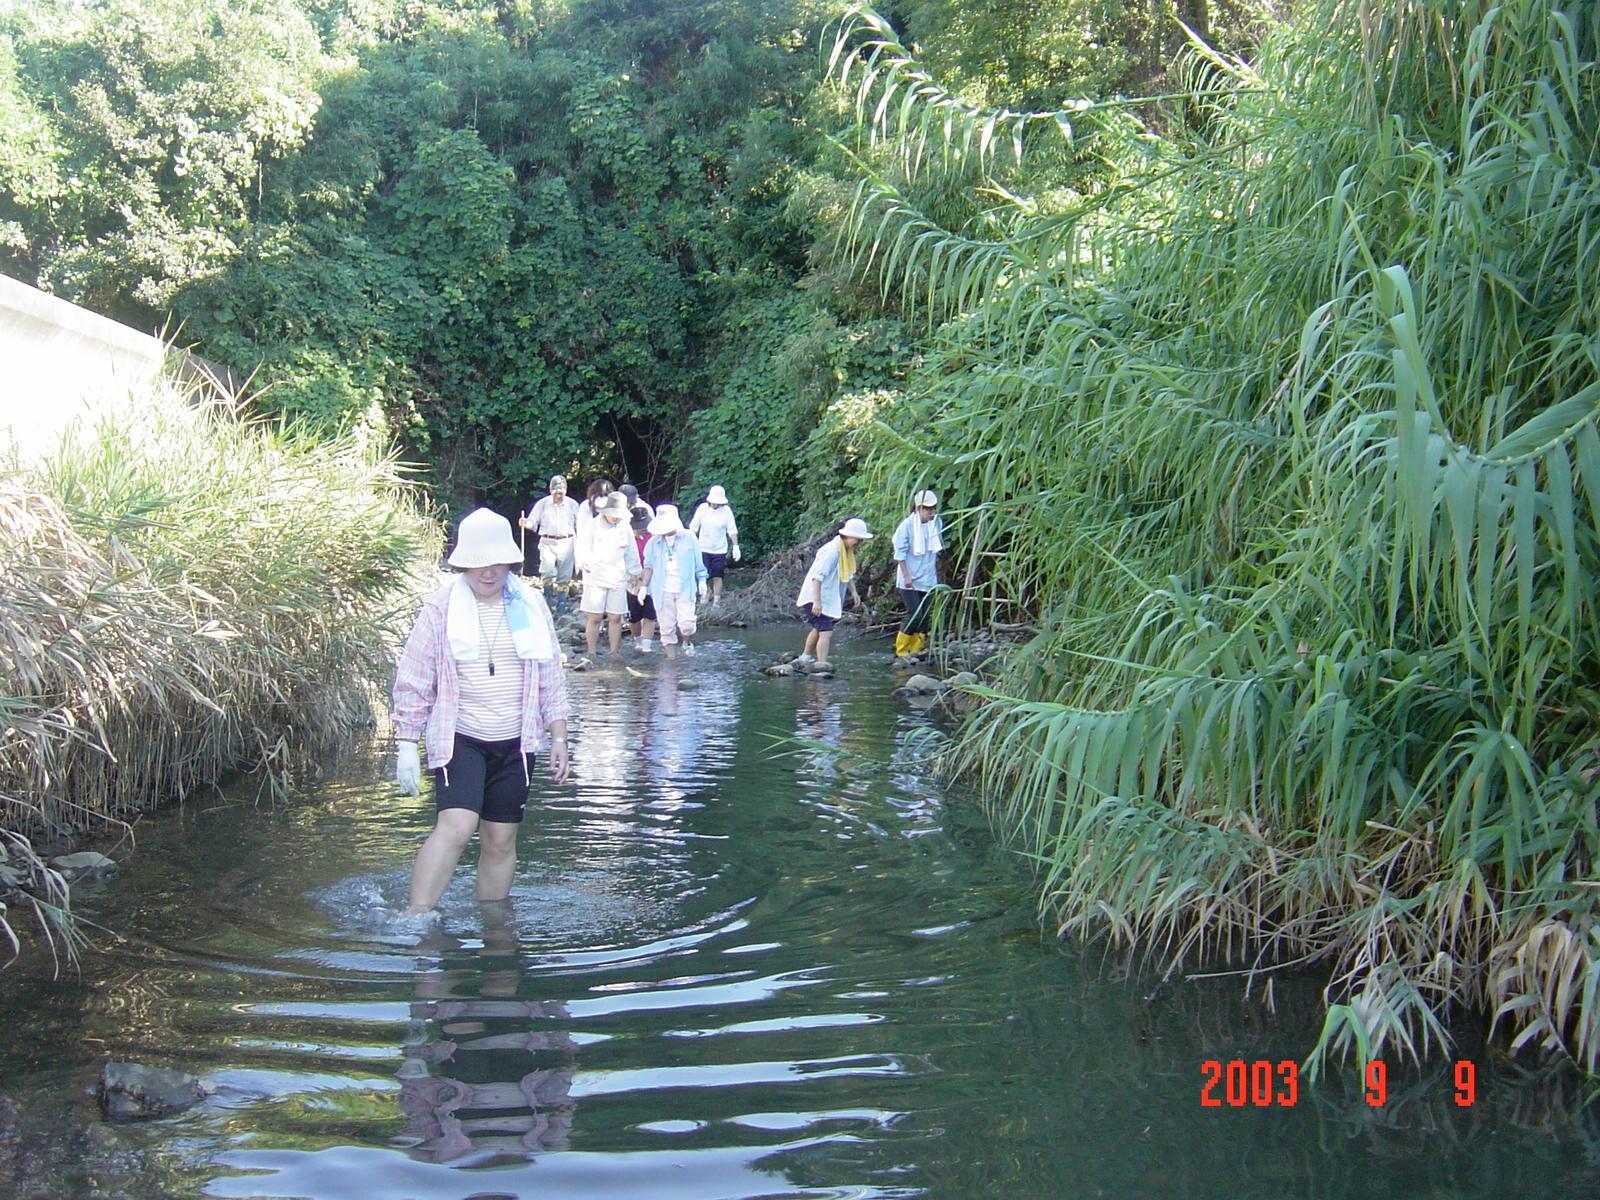 うみべの森の歴史⑮「2003年9月の活動」_c0108460_12074355.jpg